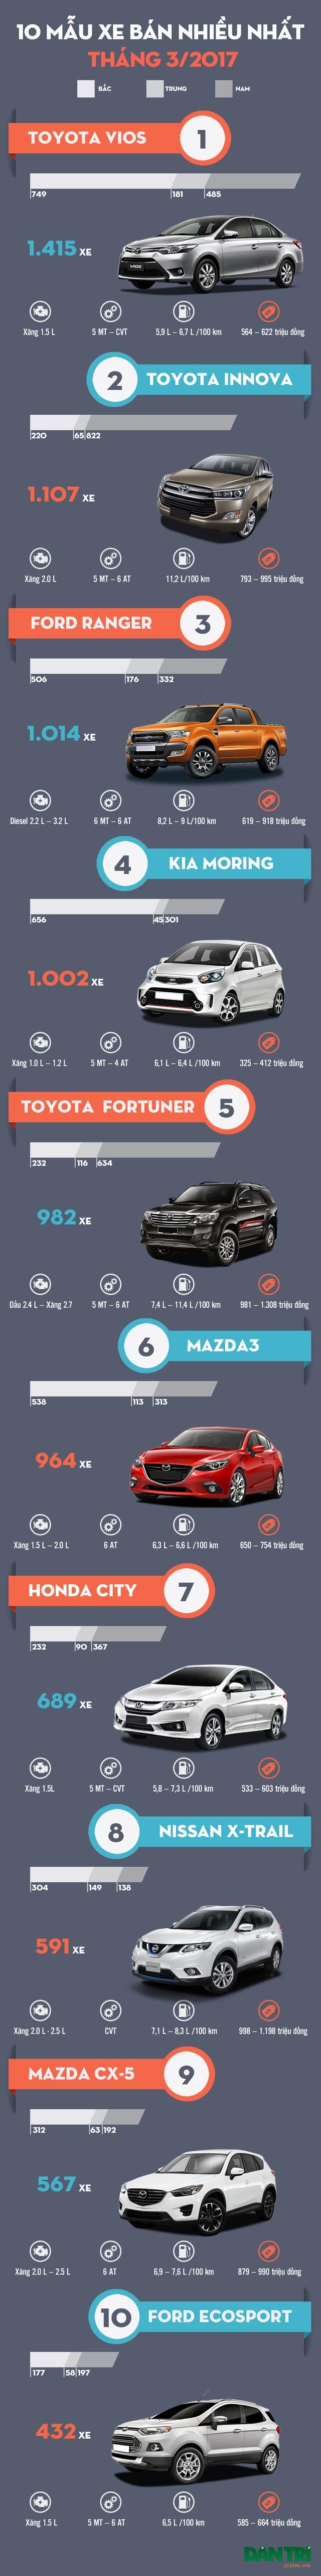 10 mẫu xe bán nhiều nhất tháng 3/2017 - 1